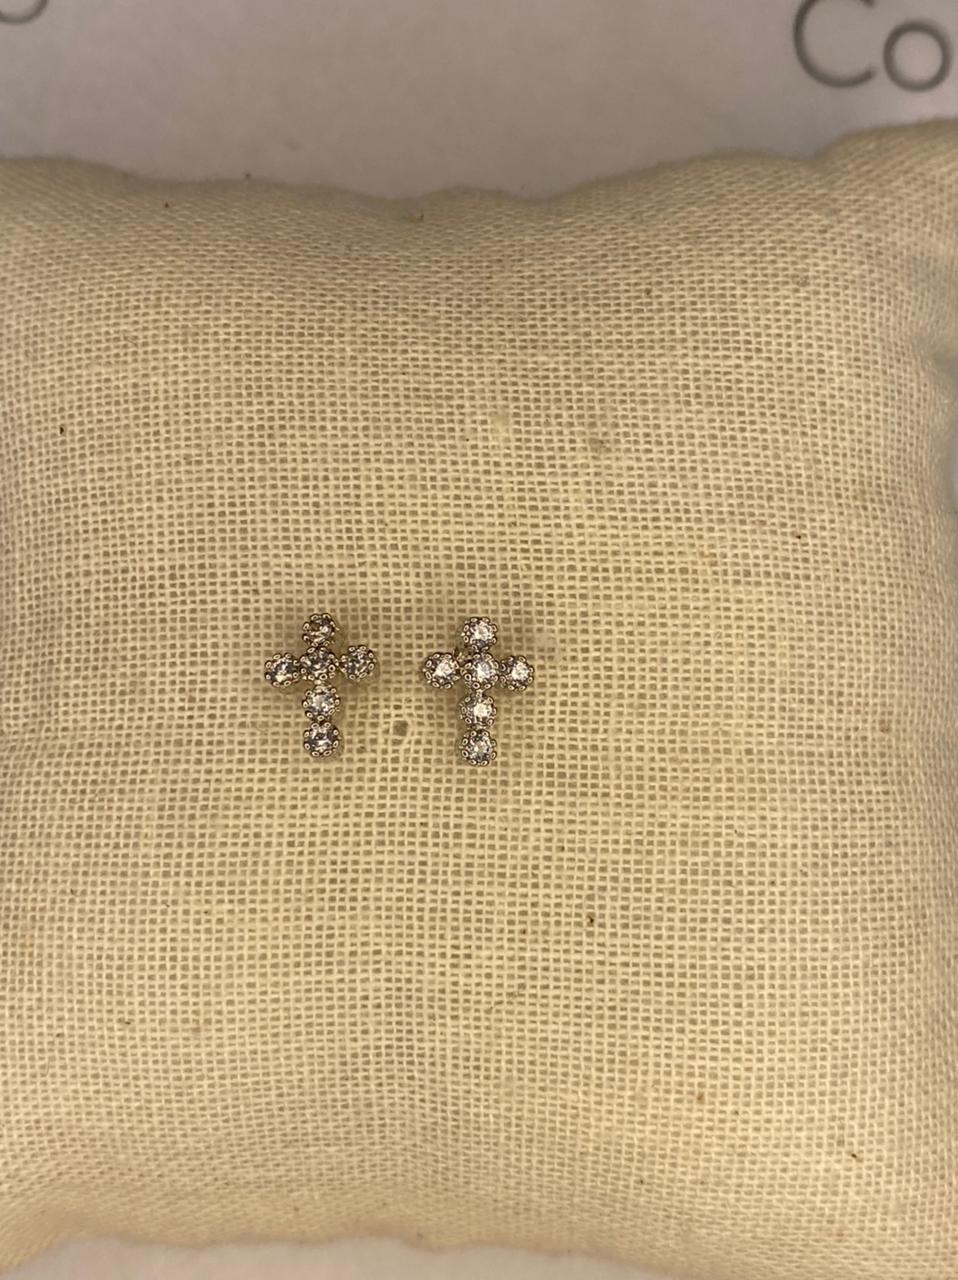 Mini brinco cruz com zircônias